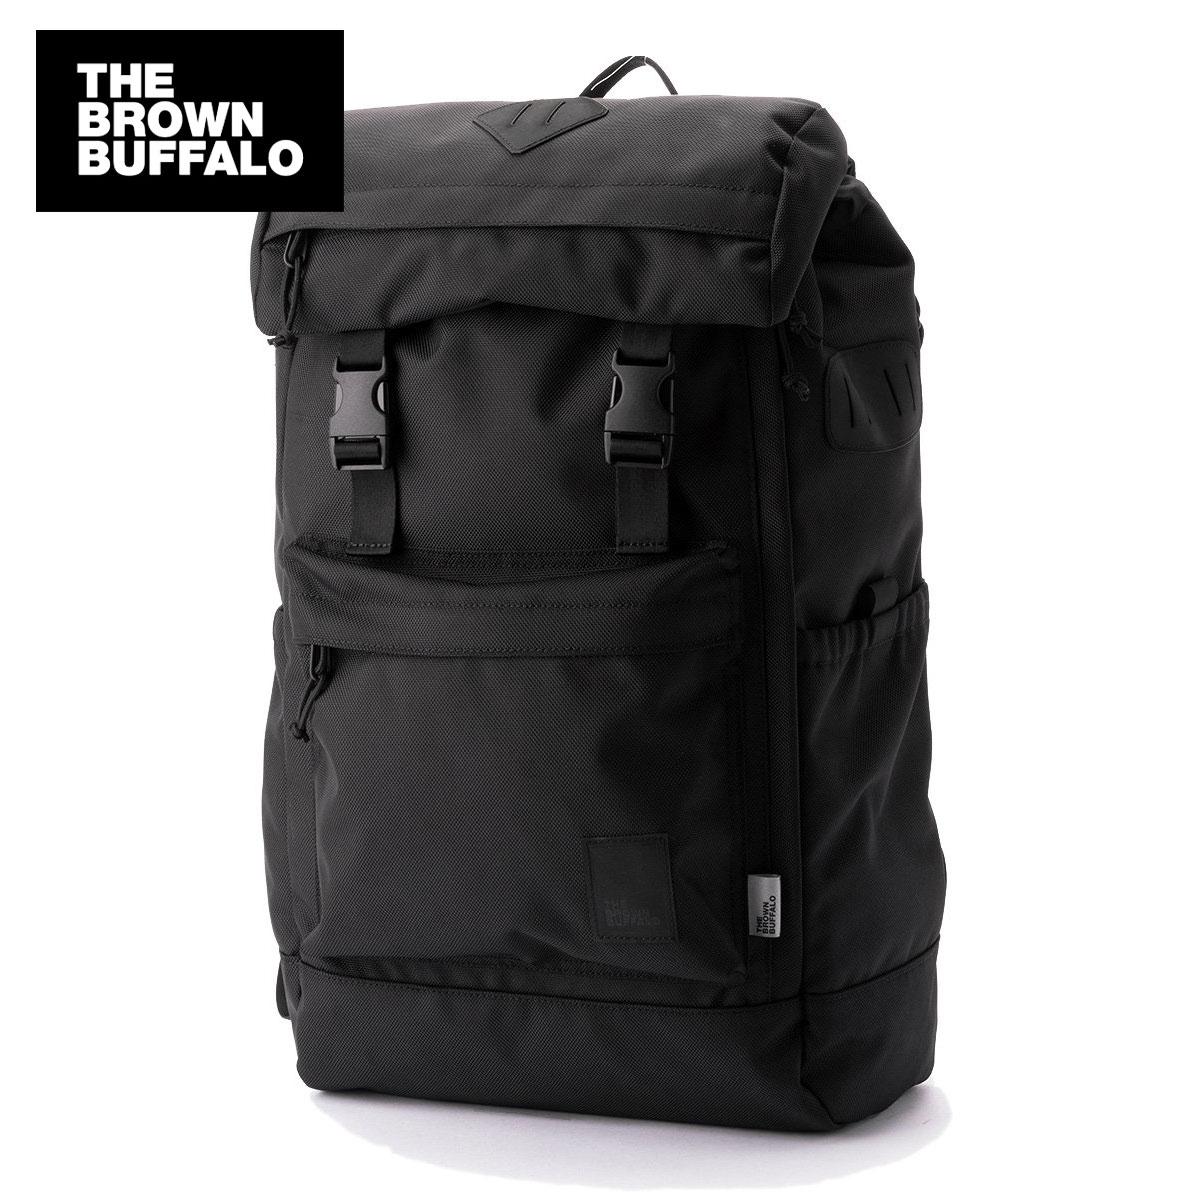 ザ ブラウン バッファロー THE BROWN BUFFALO 正規販売店 メンズ レディース バックパック リュック HILLSIDE BACKPACK BALLISTIC BLACK S19HB1680BLACK